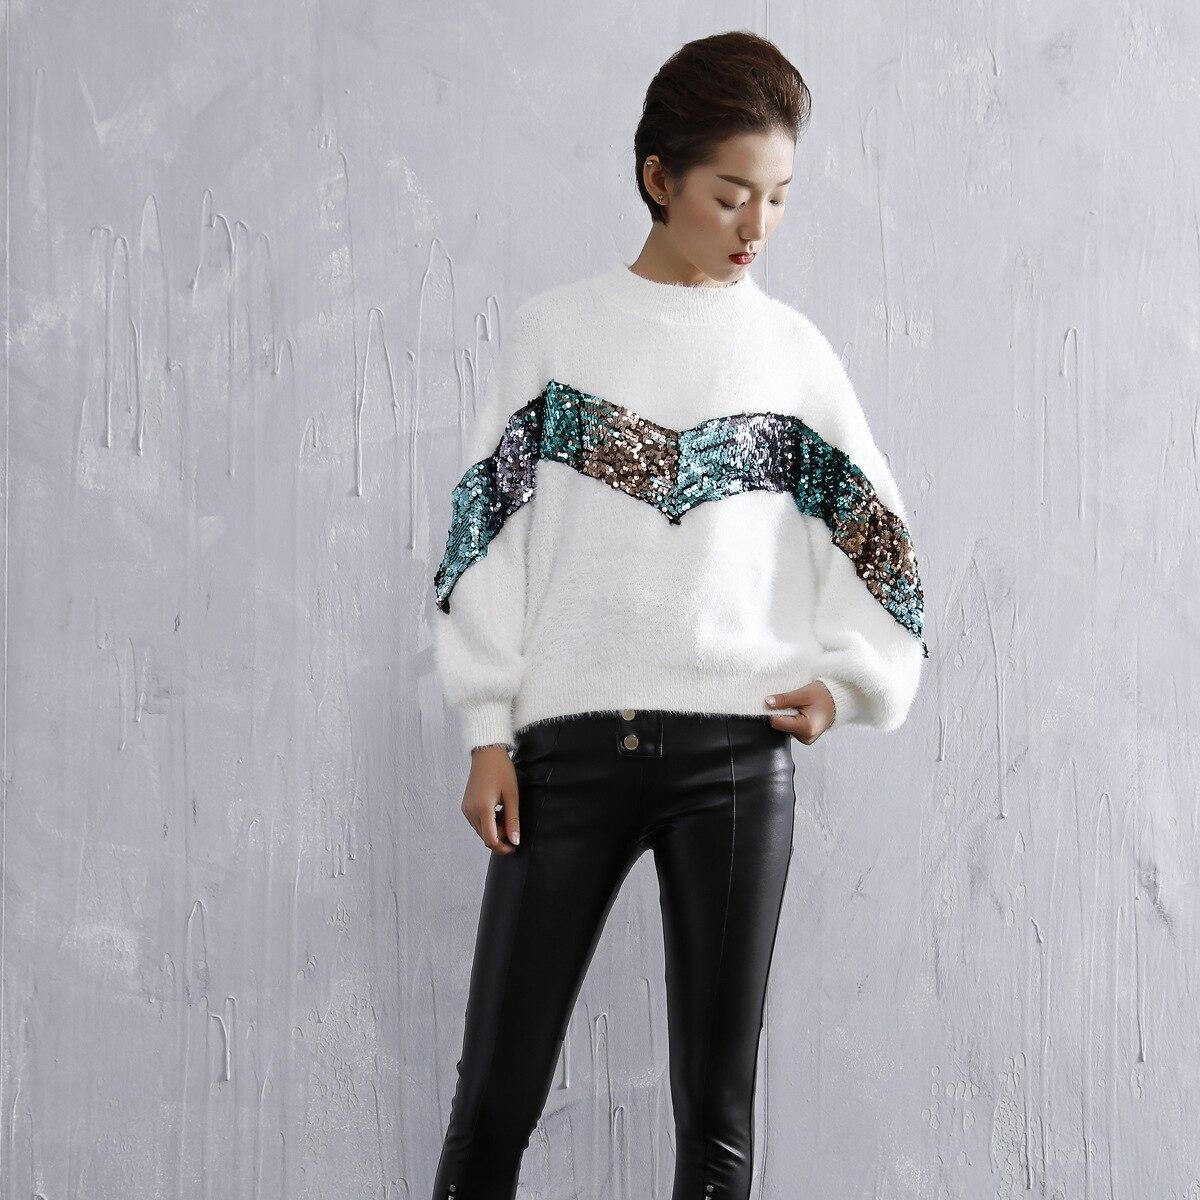 Couleur blanc Paillettes Pull Contraste Mode Femelle Haut camel 2018 Col Longues Dames Harajuku Top Noir Simple De Manches Automne Chandail Lanterne qWnz1Rv